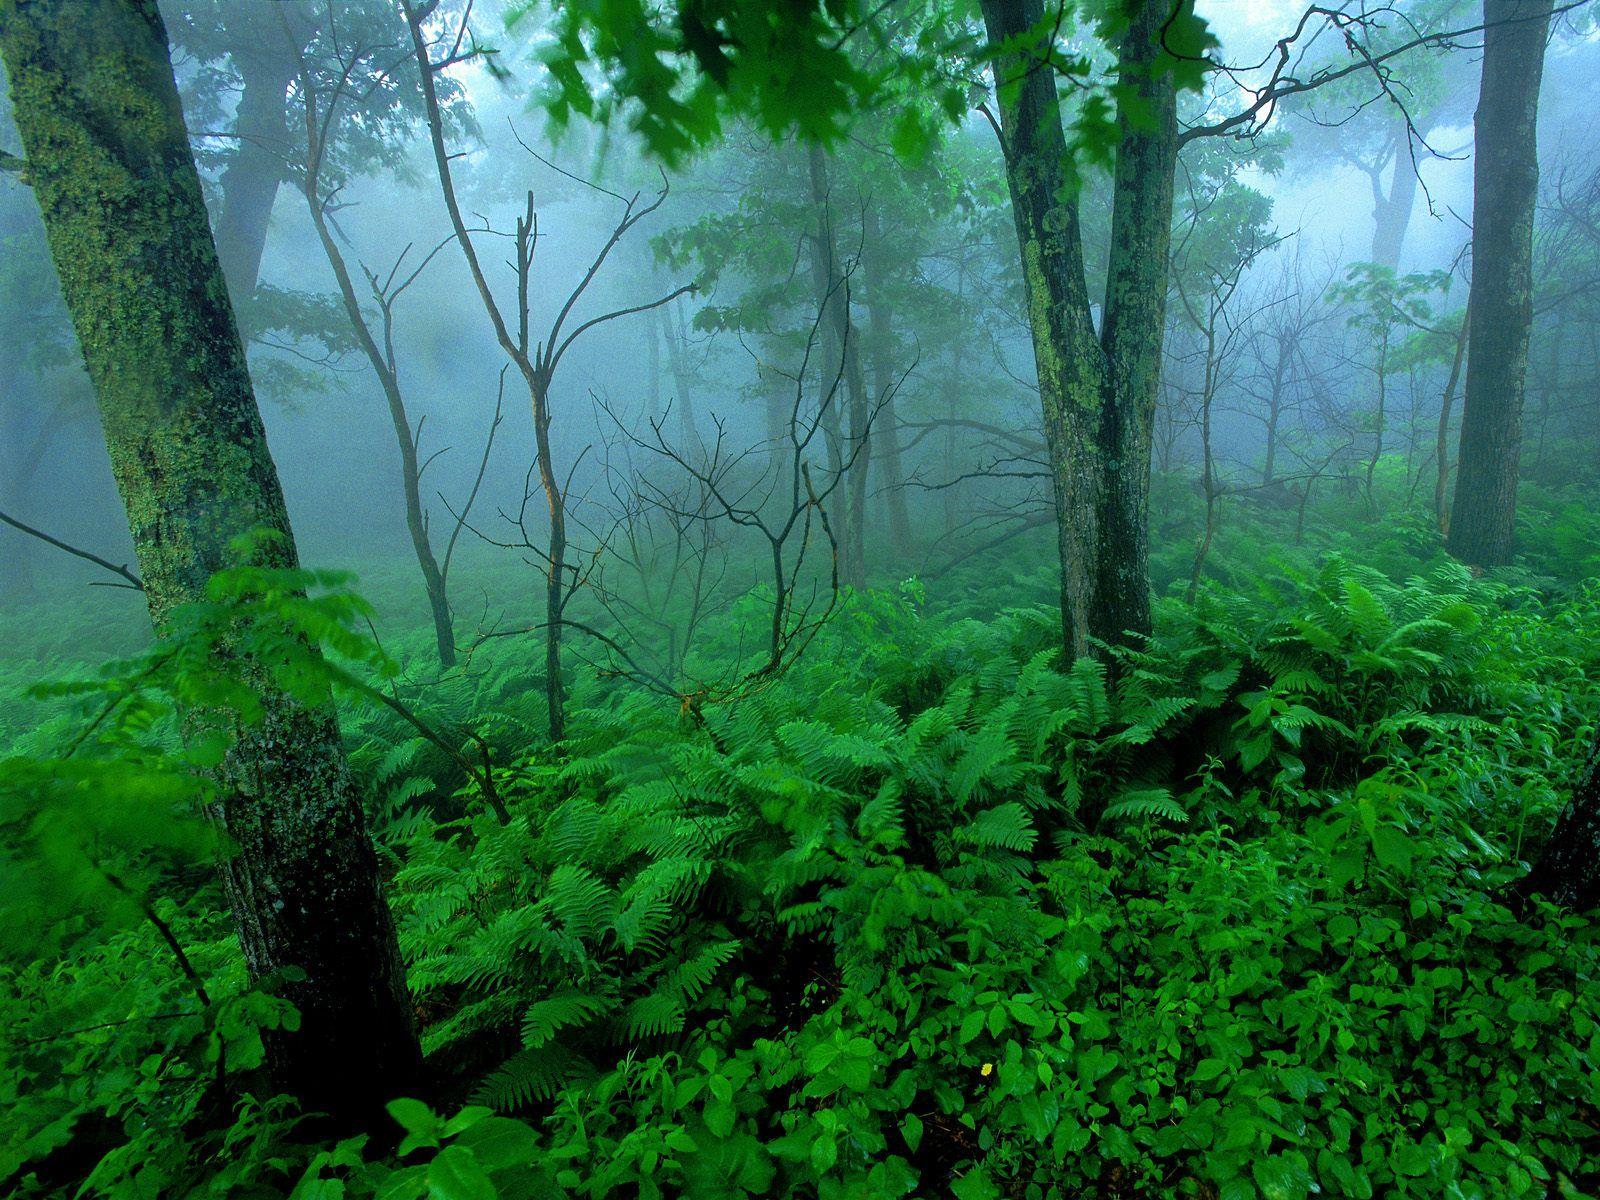 http://1.bp.blogspot.com/_6UIYDGZaA9A/TT00ZPokU_I/AAAAAAAAAPY/5OATCgodcmQ/s1600/Forest+Mist%252C+Shenandoah+National+Park%252C+Virginia.jpg